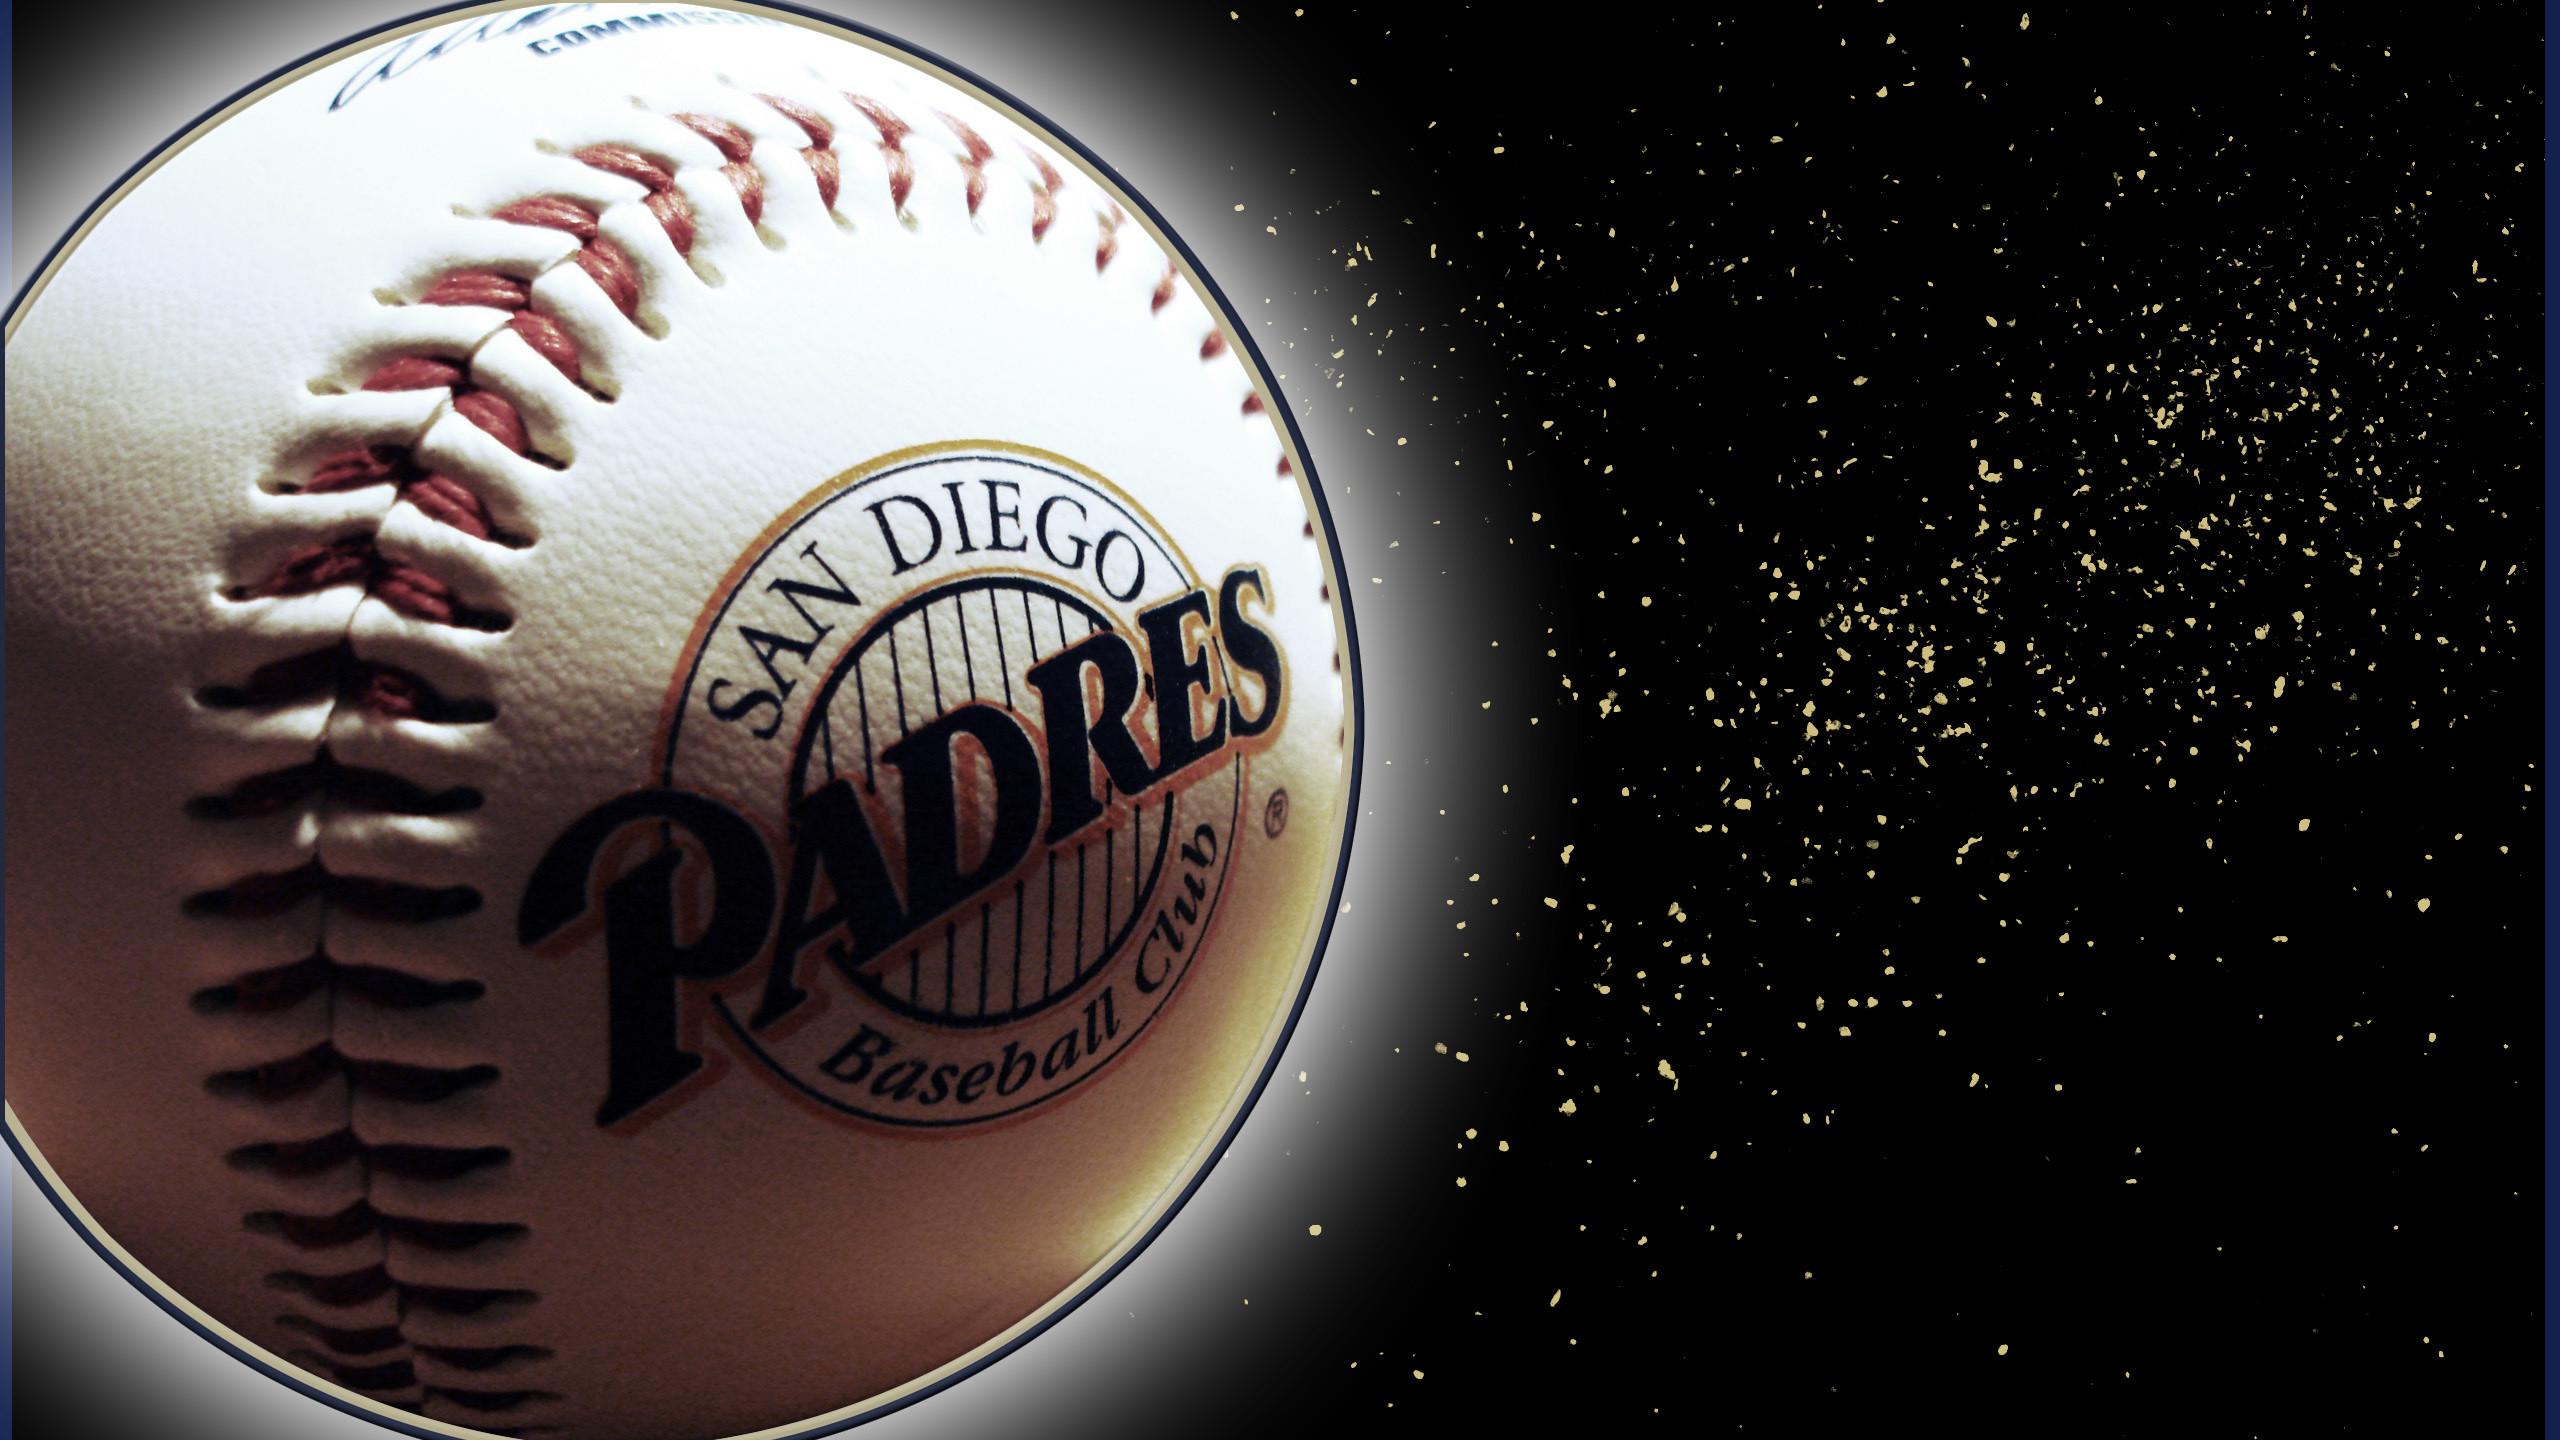 Mlb, Ball, Baseball, San Diego Padres, Baseball Art, San Diego Padres